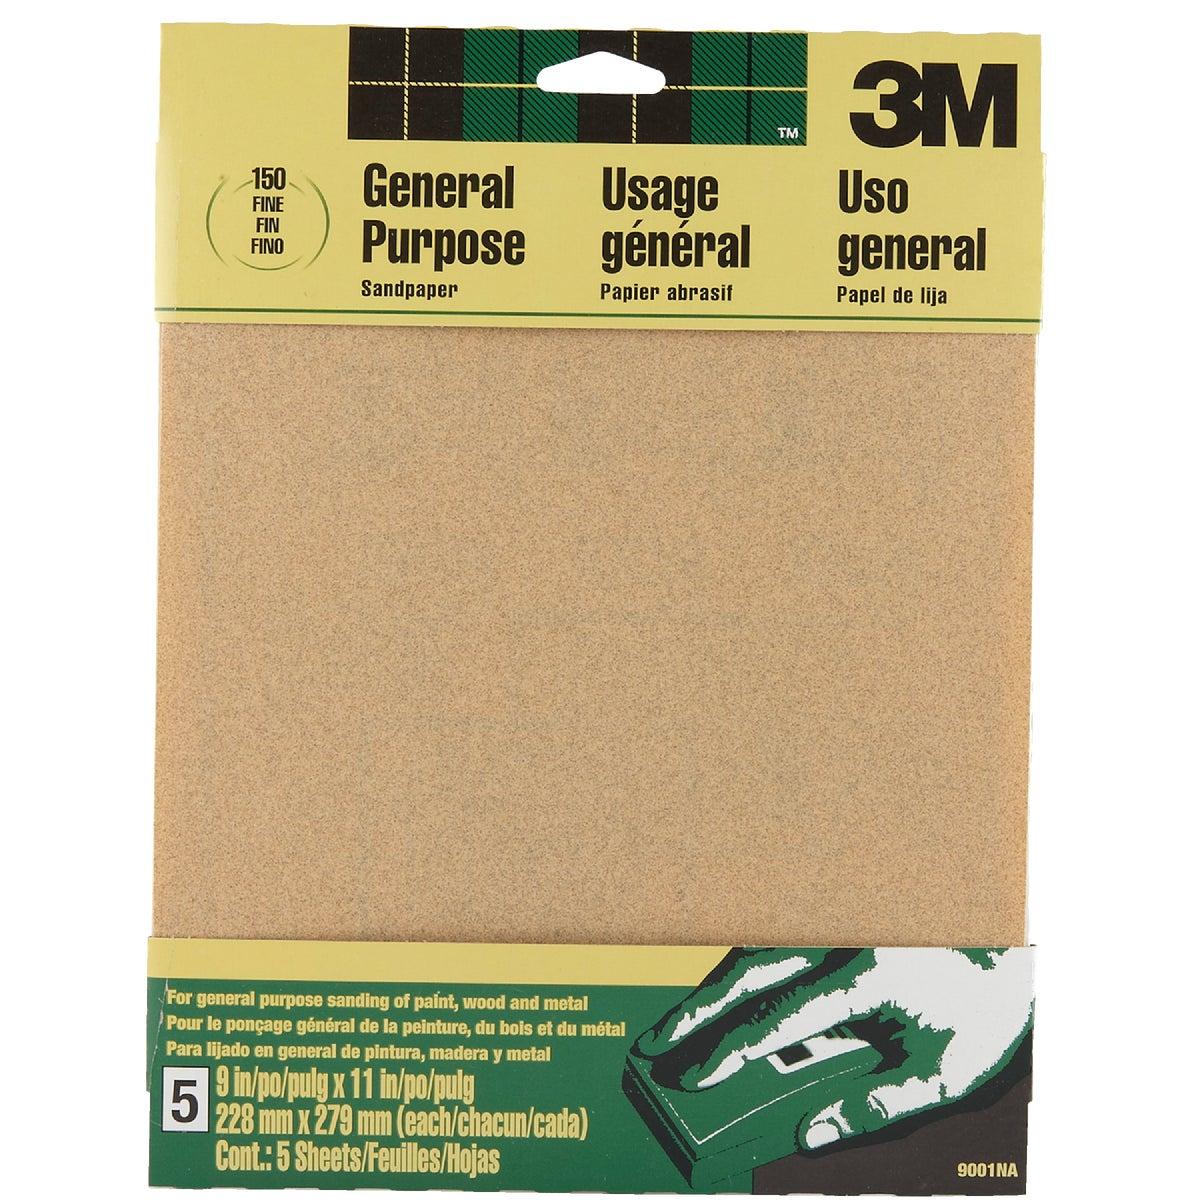 3M General-Purpose 9 In. x 11 In. 150 Grit Fine Sandpaper (5-Pack)